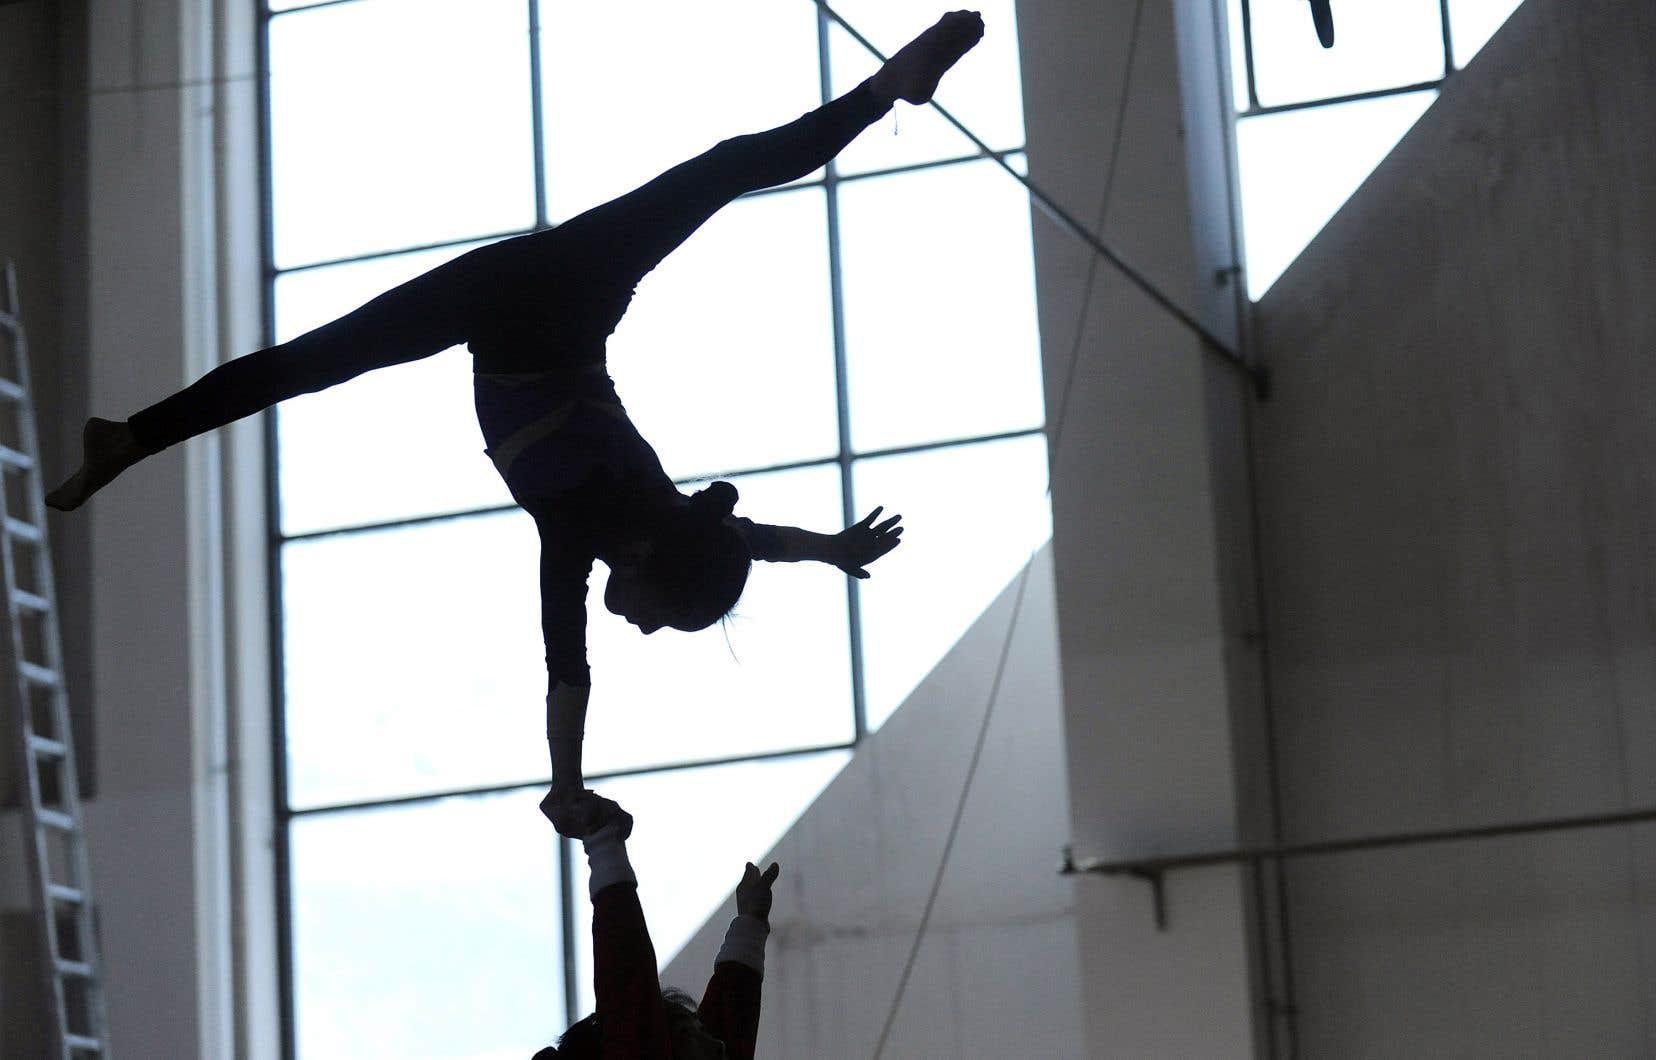 La Fédération suédoise de gymnastique est la première fédération sportive à répondre à l'appel de la Fédération suédoise pour les droits des lesbiennes, gais, bisexuels, transsexuels, queers et intersexués (RFSL).